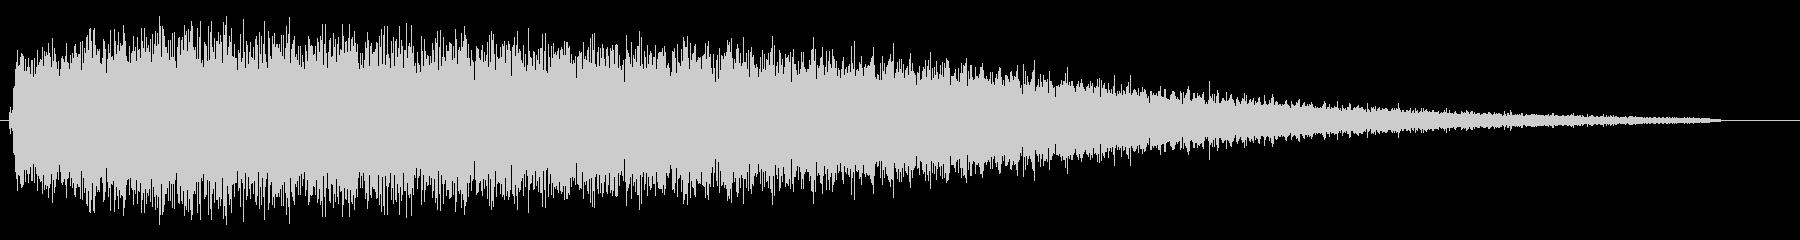 ピロリン(ゲーム決定音)の未再生の波形